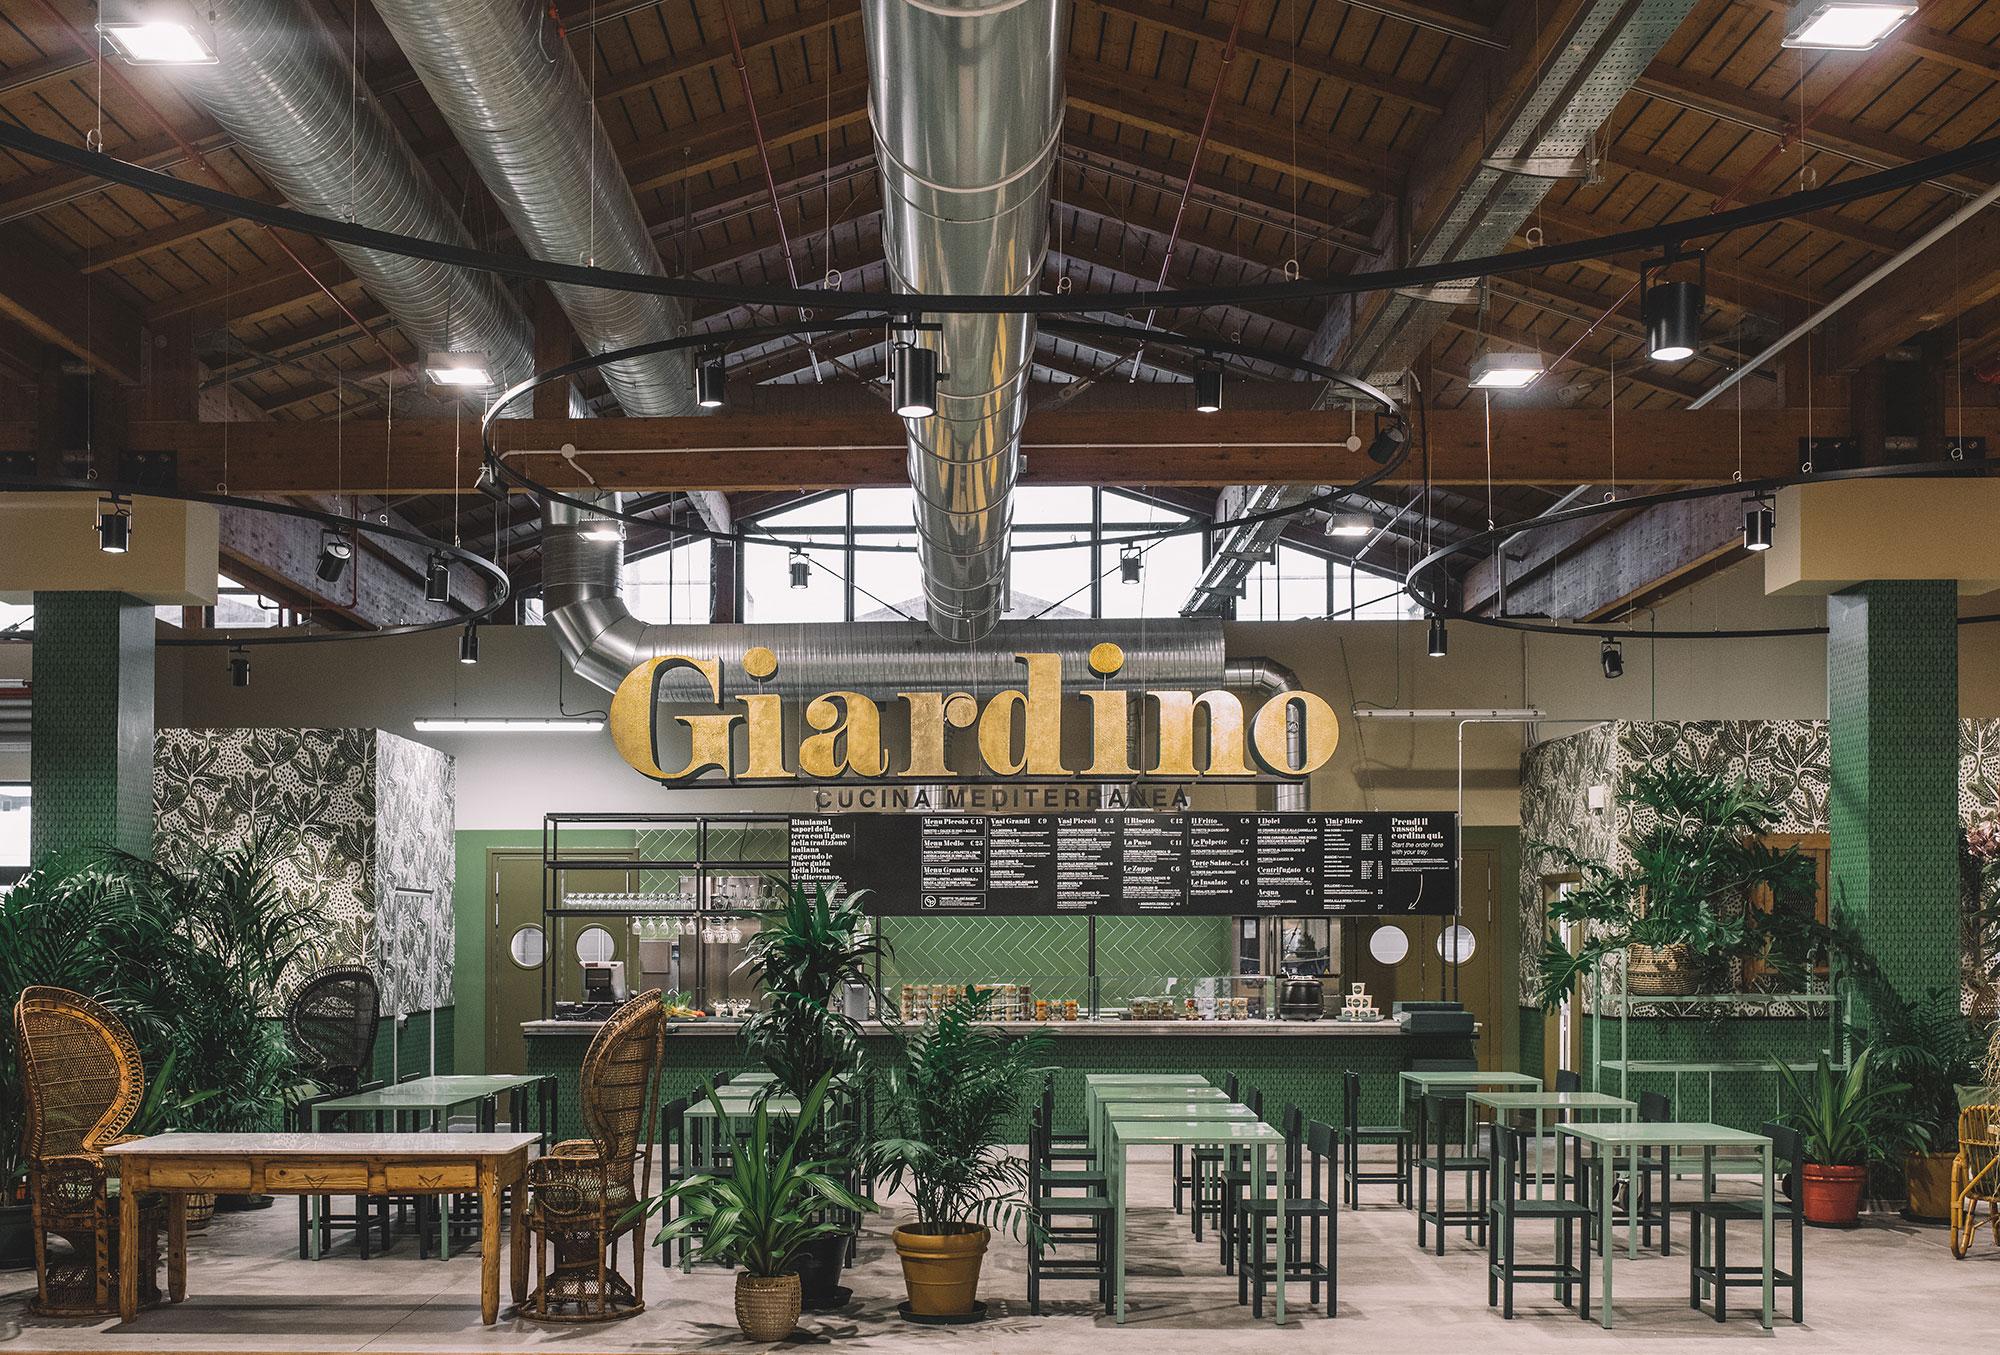 Giardino il ristorante vegetariano di fico a bologna mangiaebevi - Ristoranti con giardino roma ...